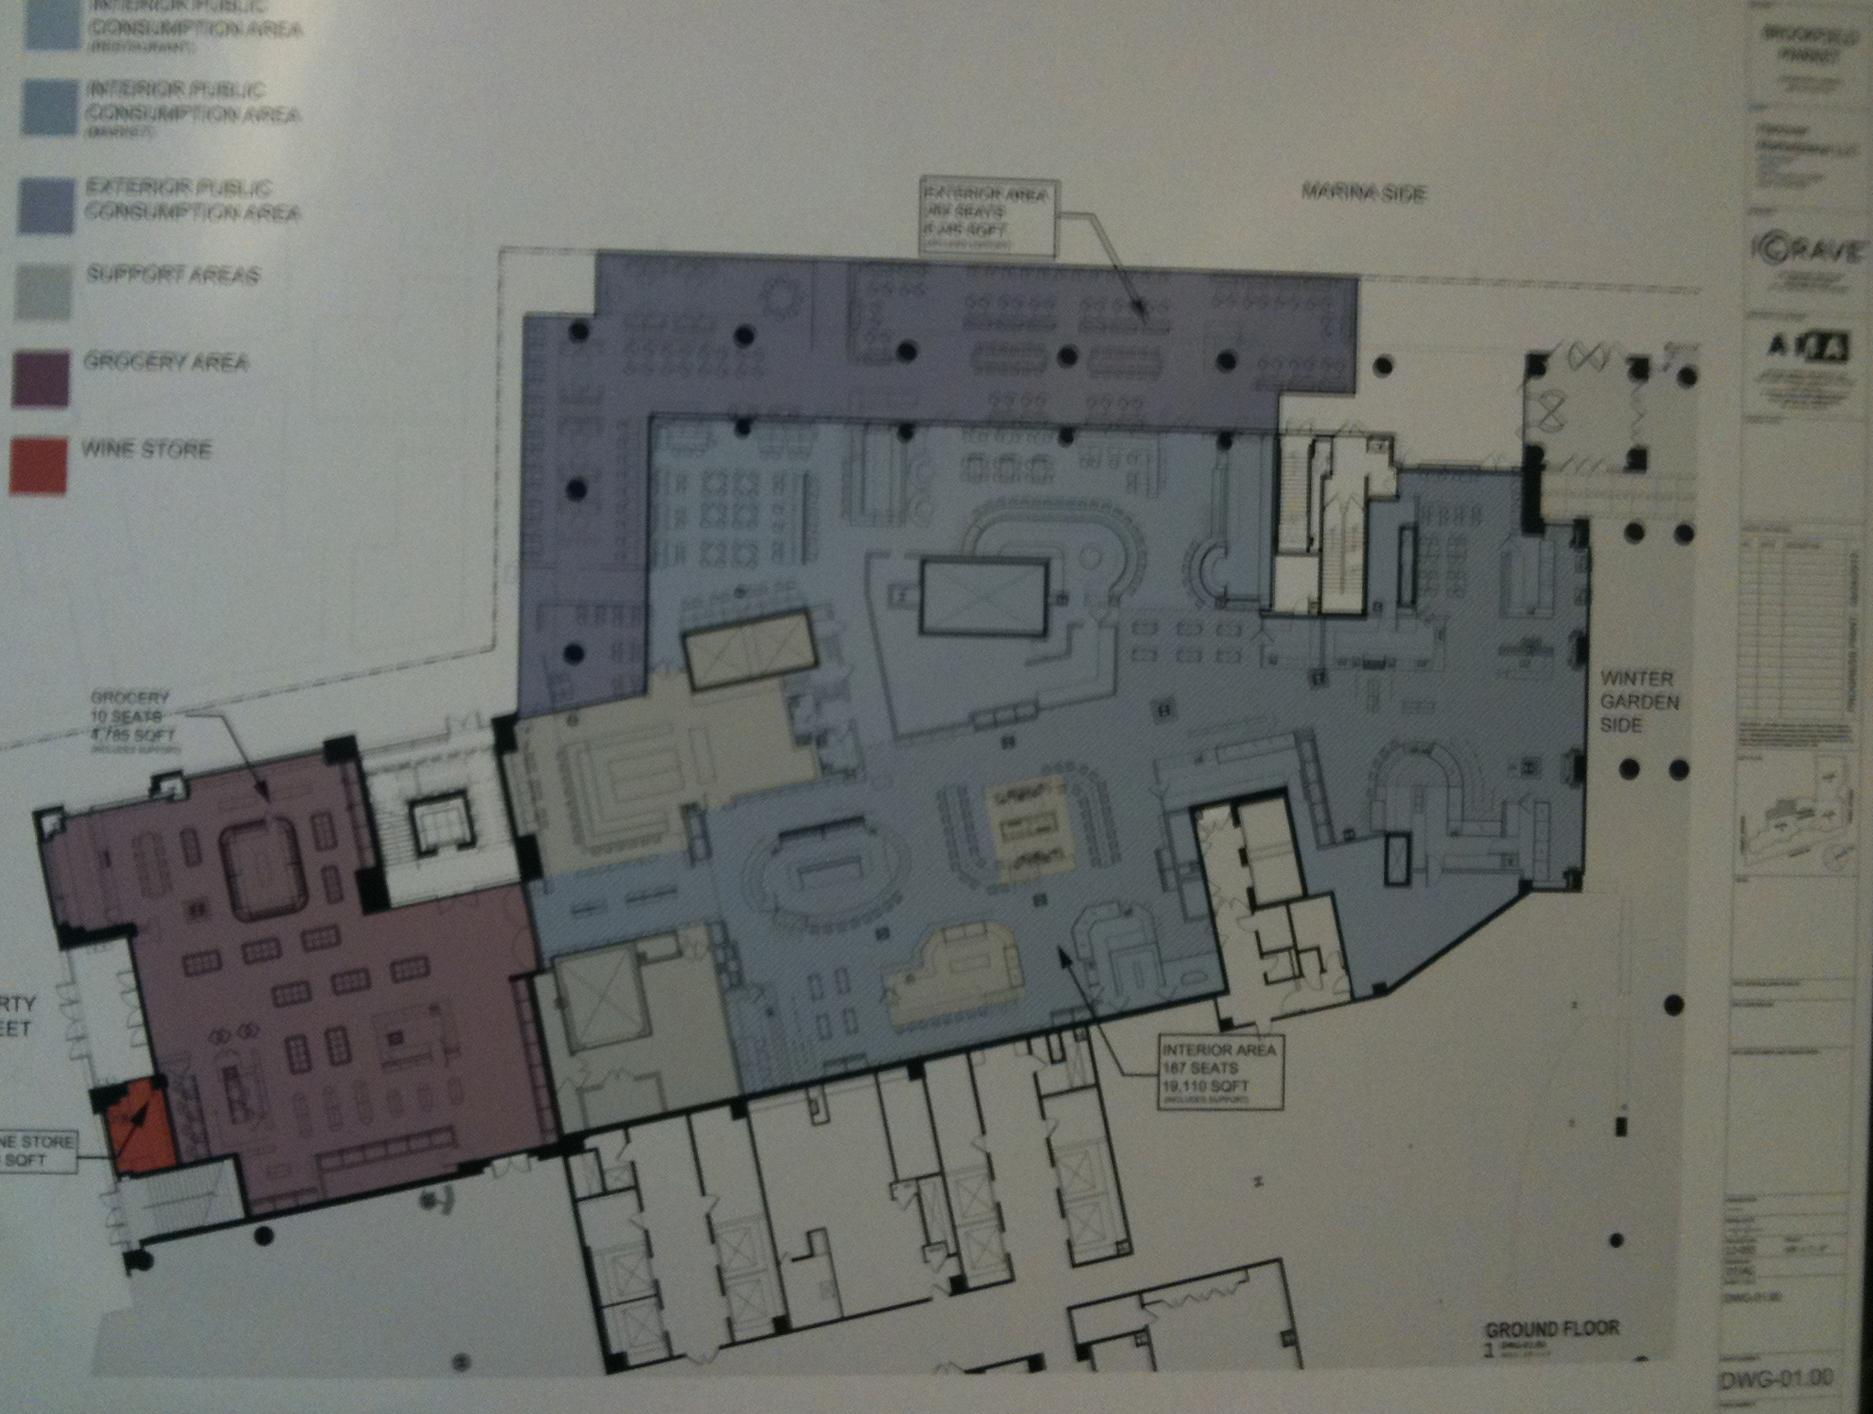 Poulokakos market plan